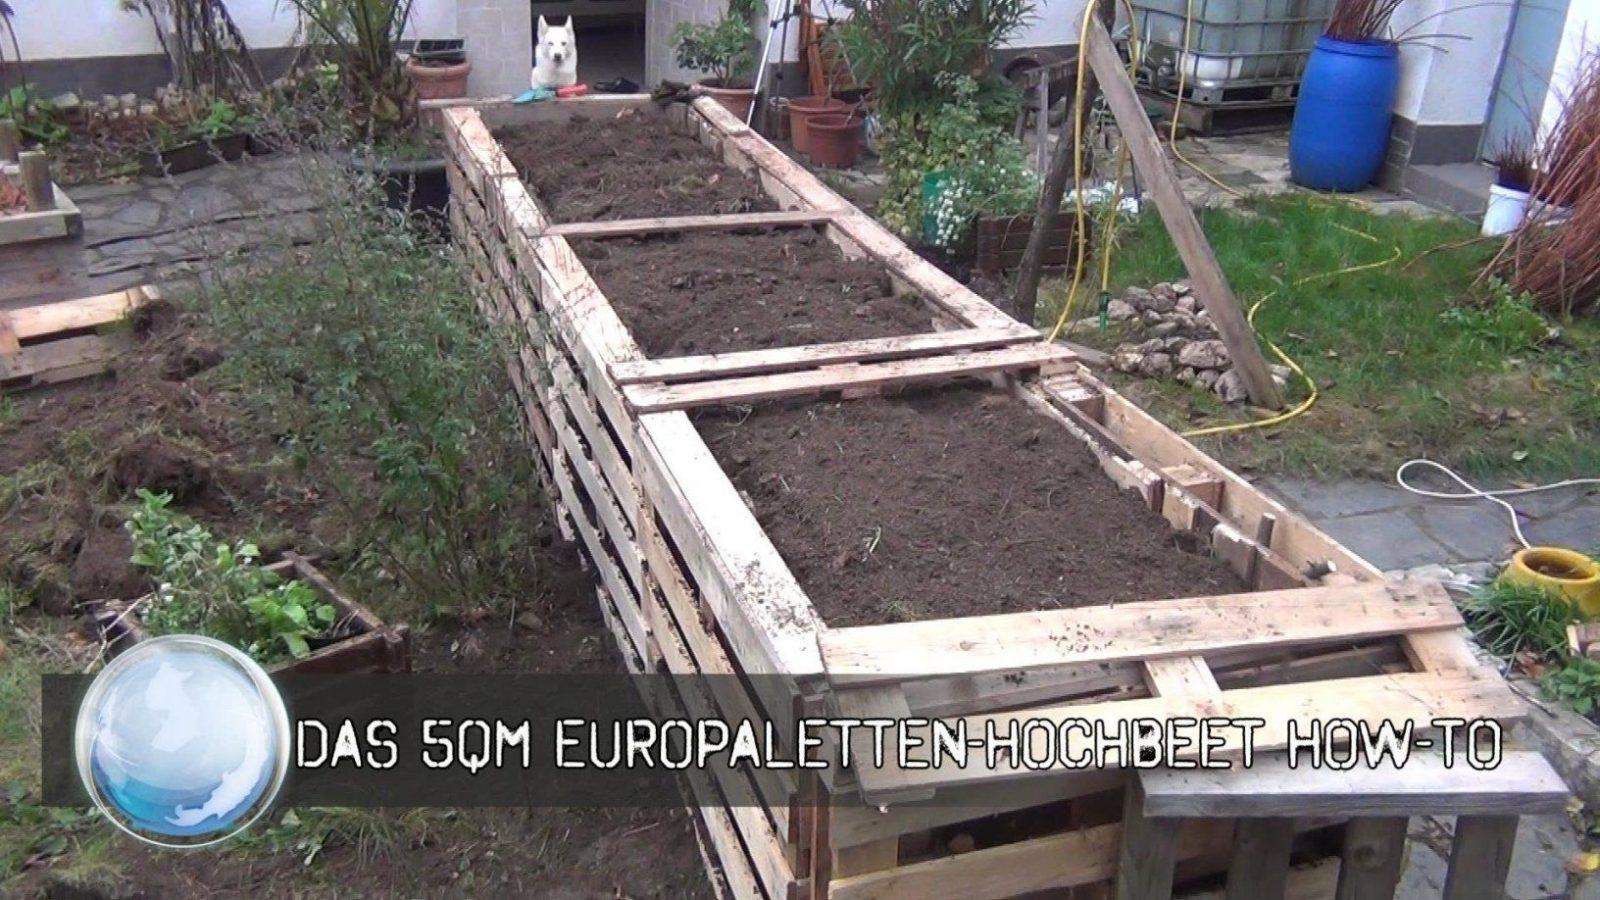 Das 5Qm Europaletten Hochbeet Howto  Youtube von Hochbeet Europaletten Selber Bauen Bild